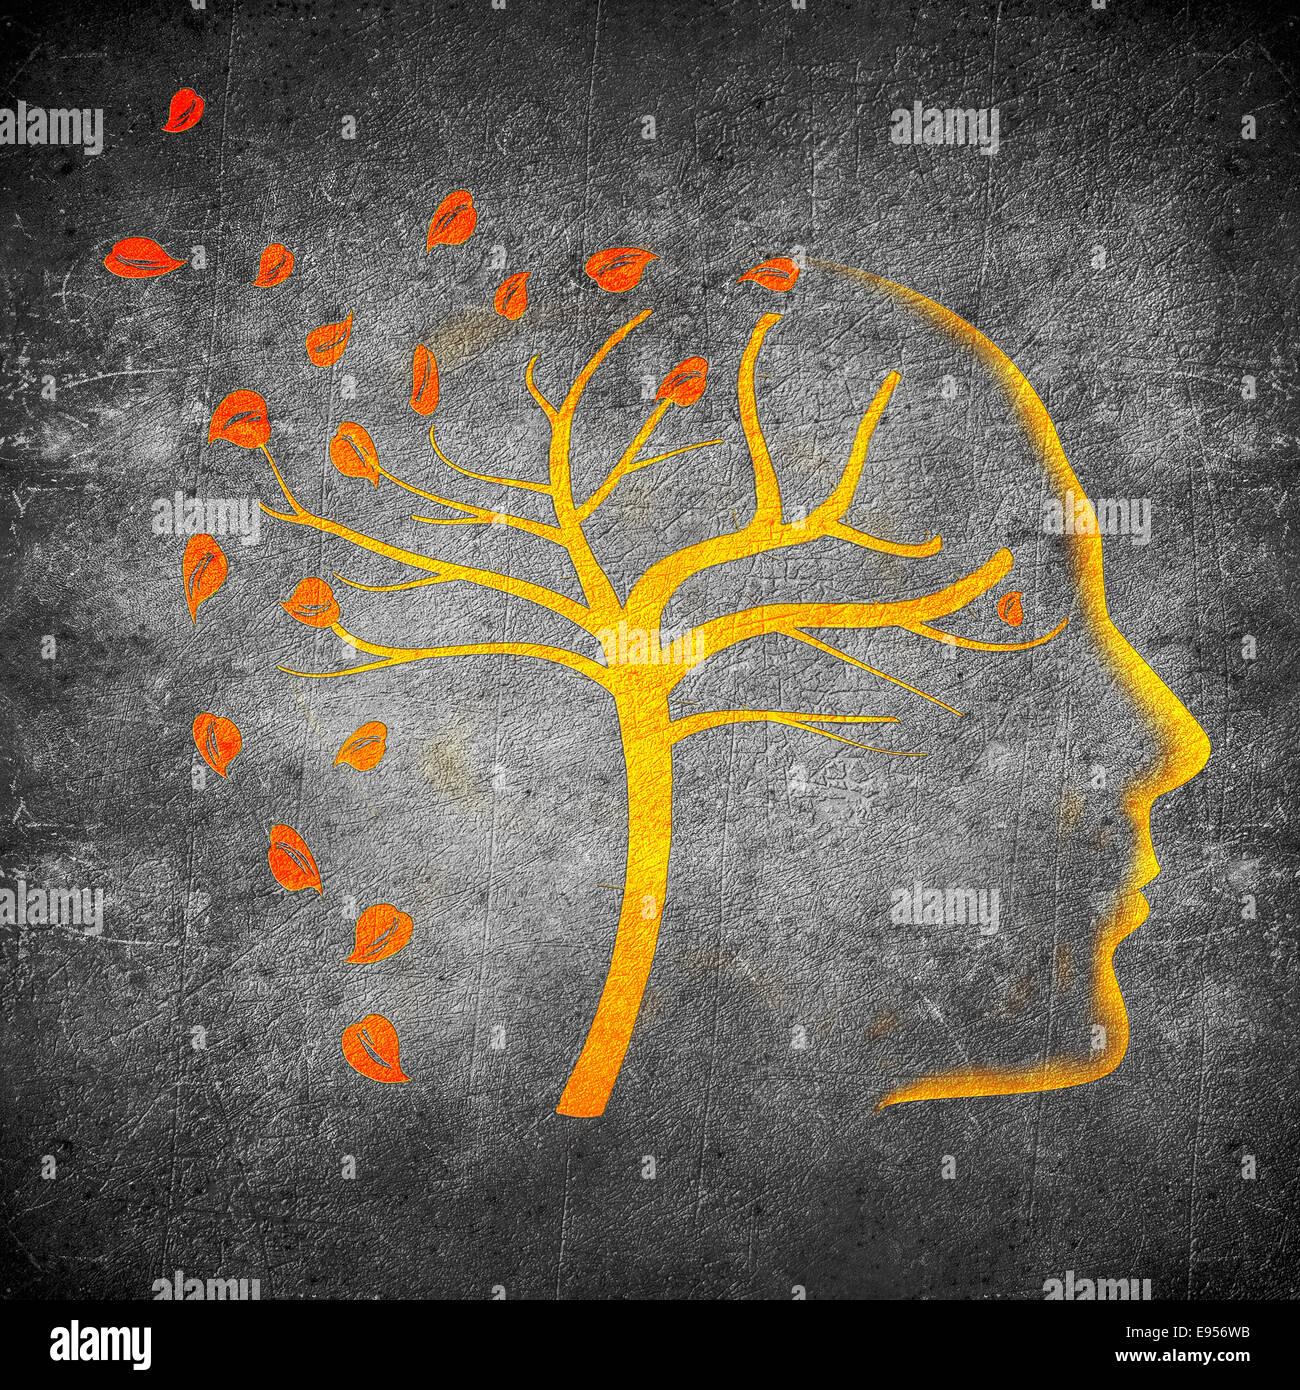 Zeiten gehen von Concept digitale Illustration orange auf Schwarz Stockbild